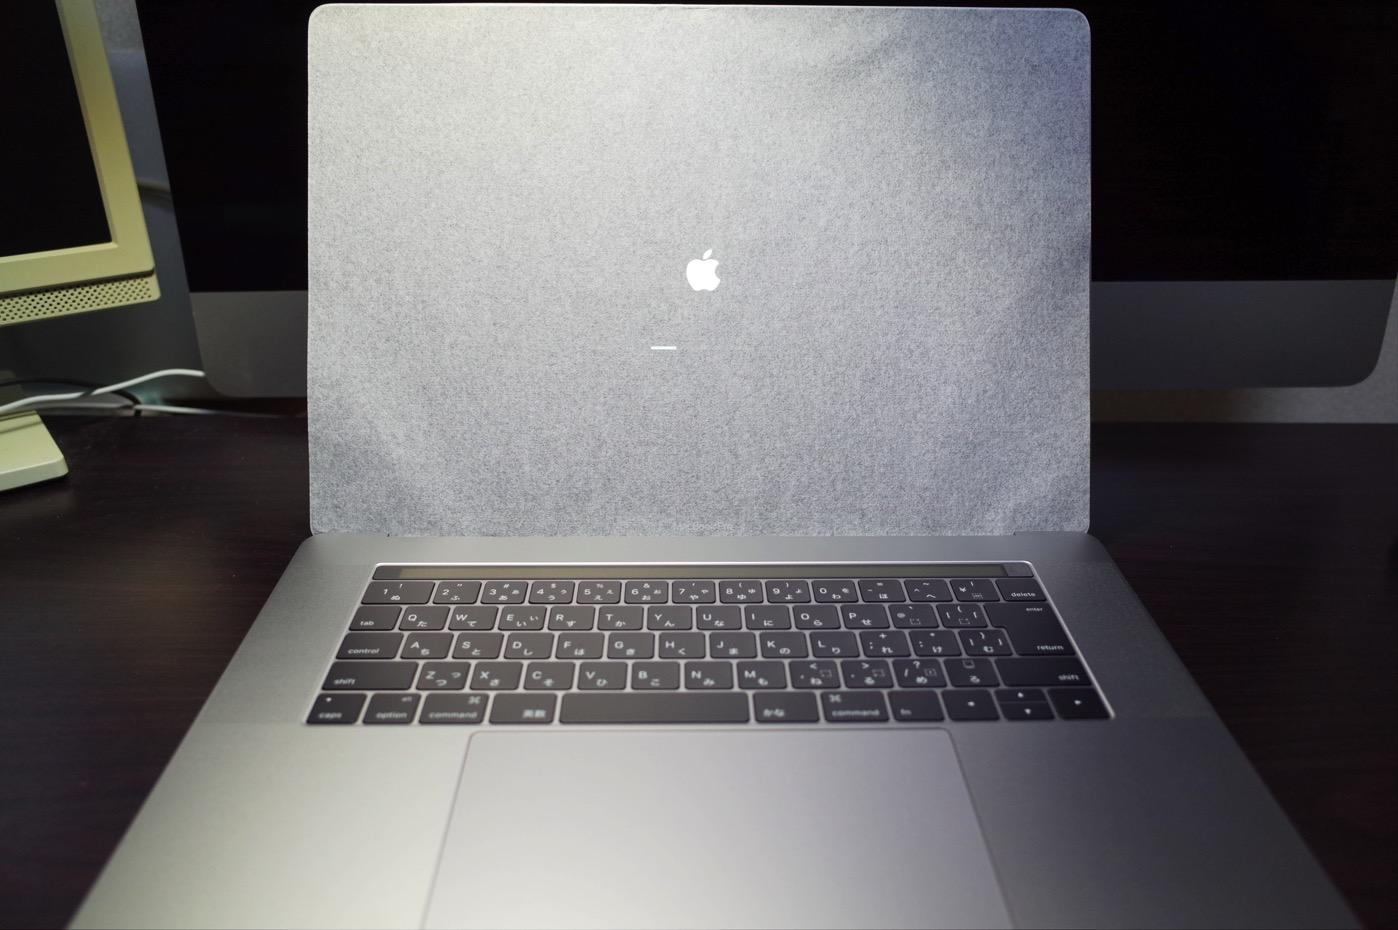 MacBook Pro-17